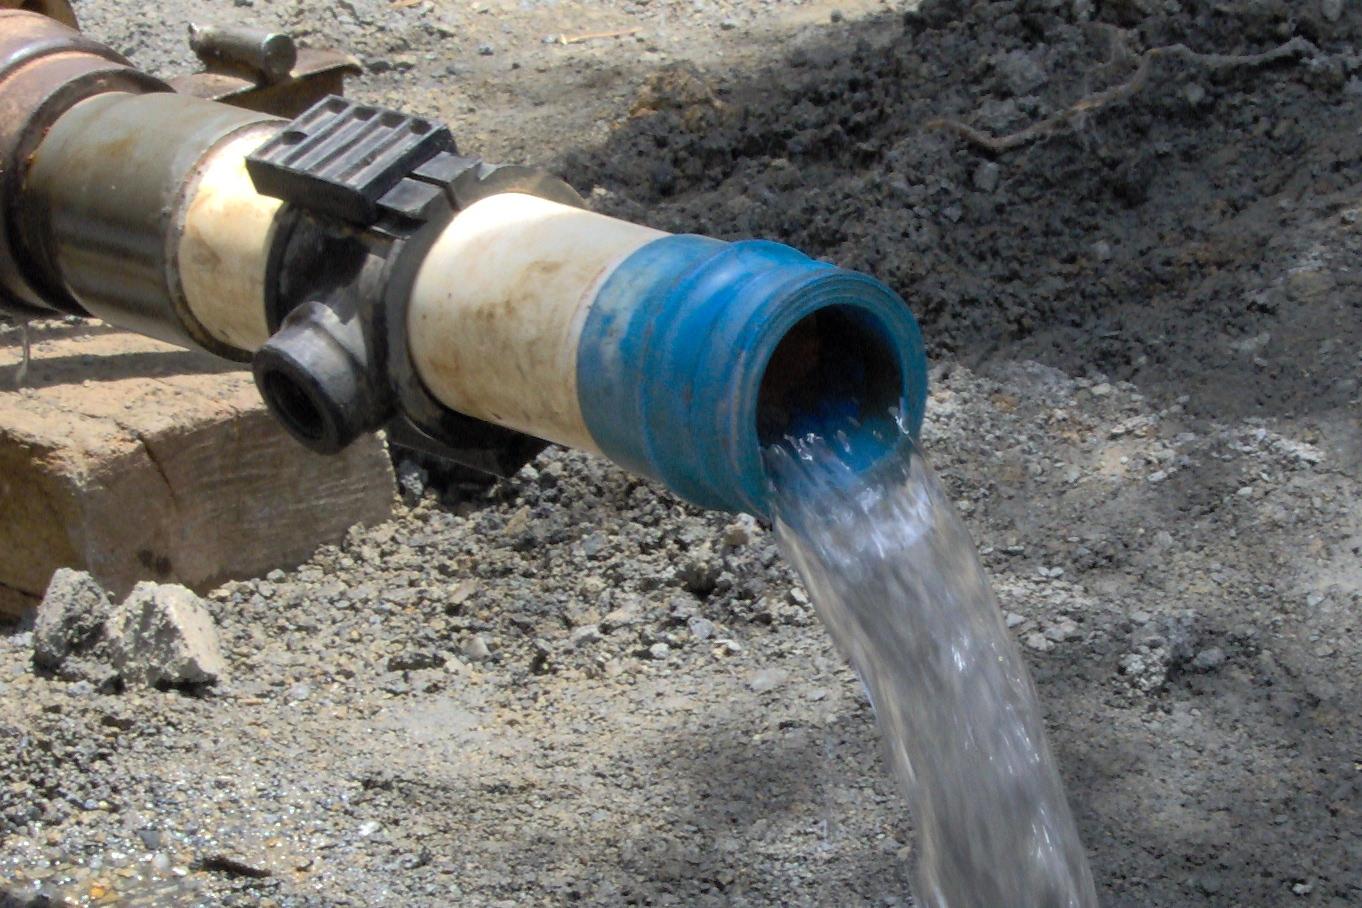 Εργα ύδρευσης στο Δήμο Ρήγα Φεραίου σε Βελεστίνο, Κανάλια, Κερασιά και Στεφανοβίκειο